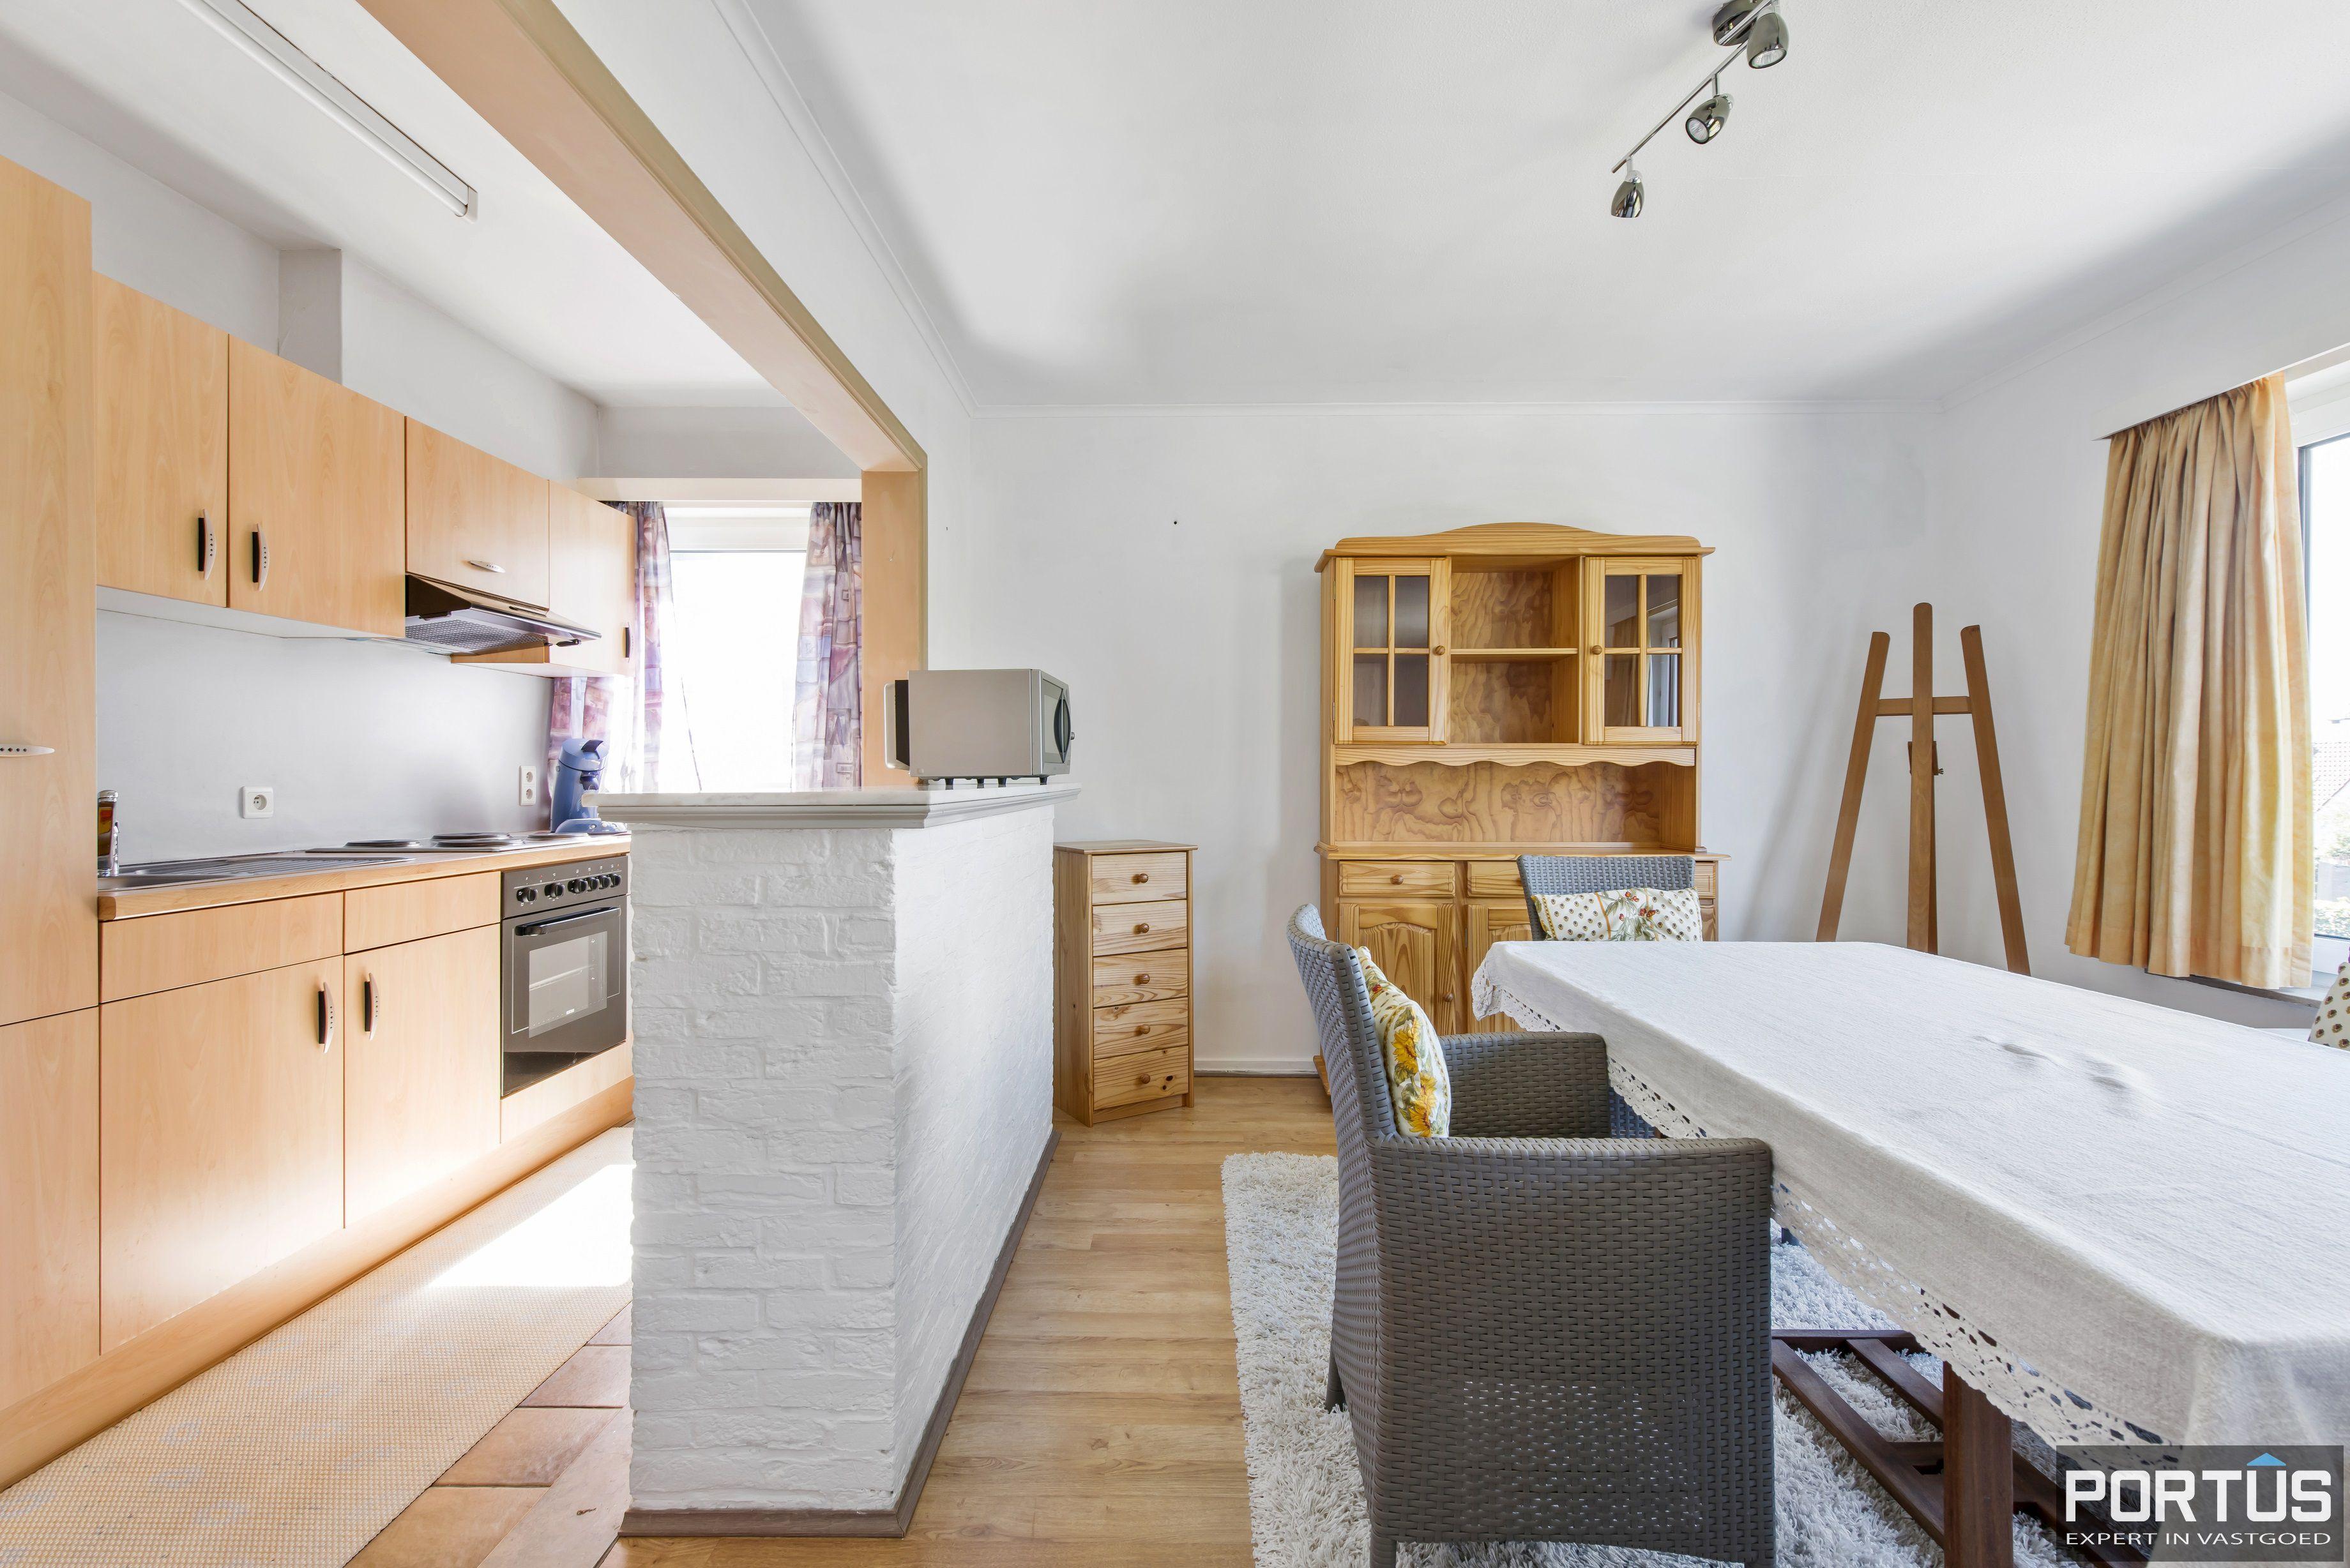 Appartement met 2 slaapkamers te koop te Nieuwpoort - 11143